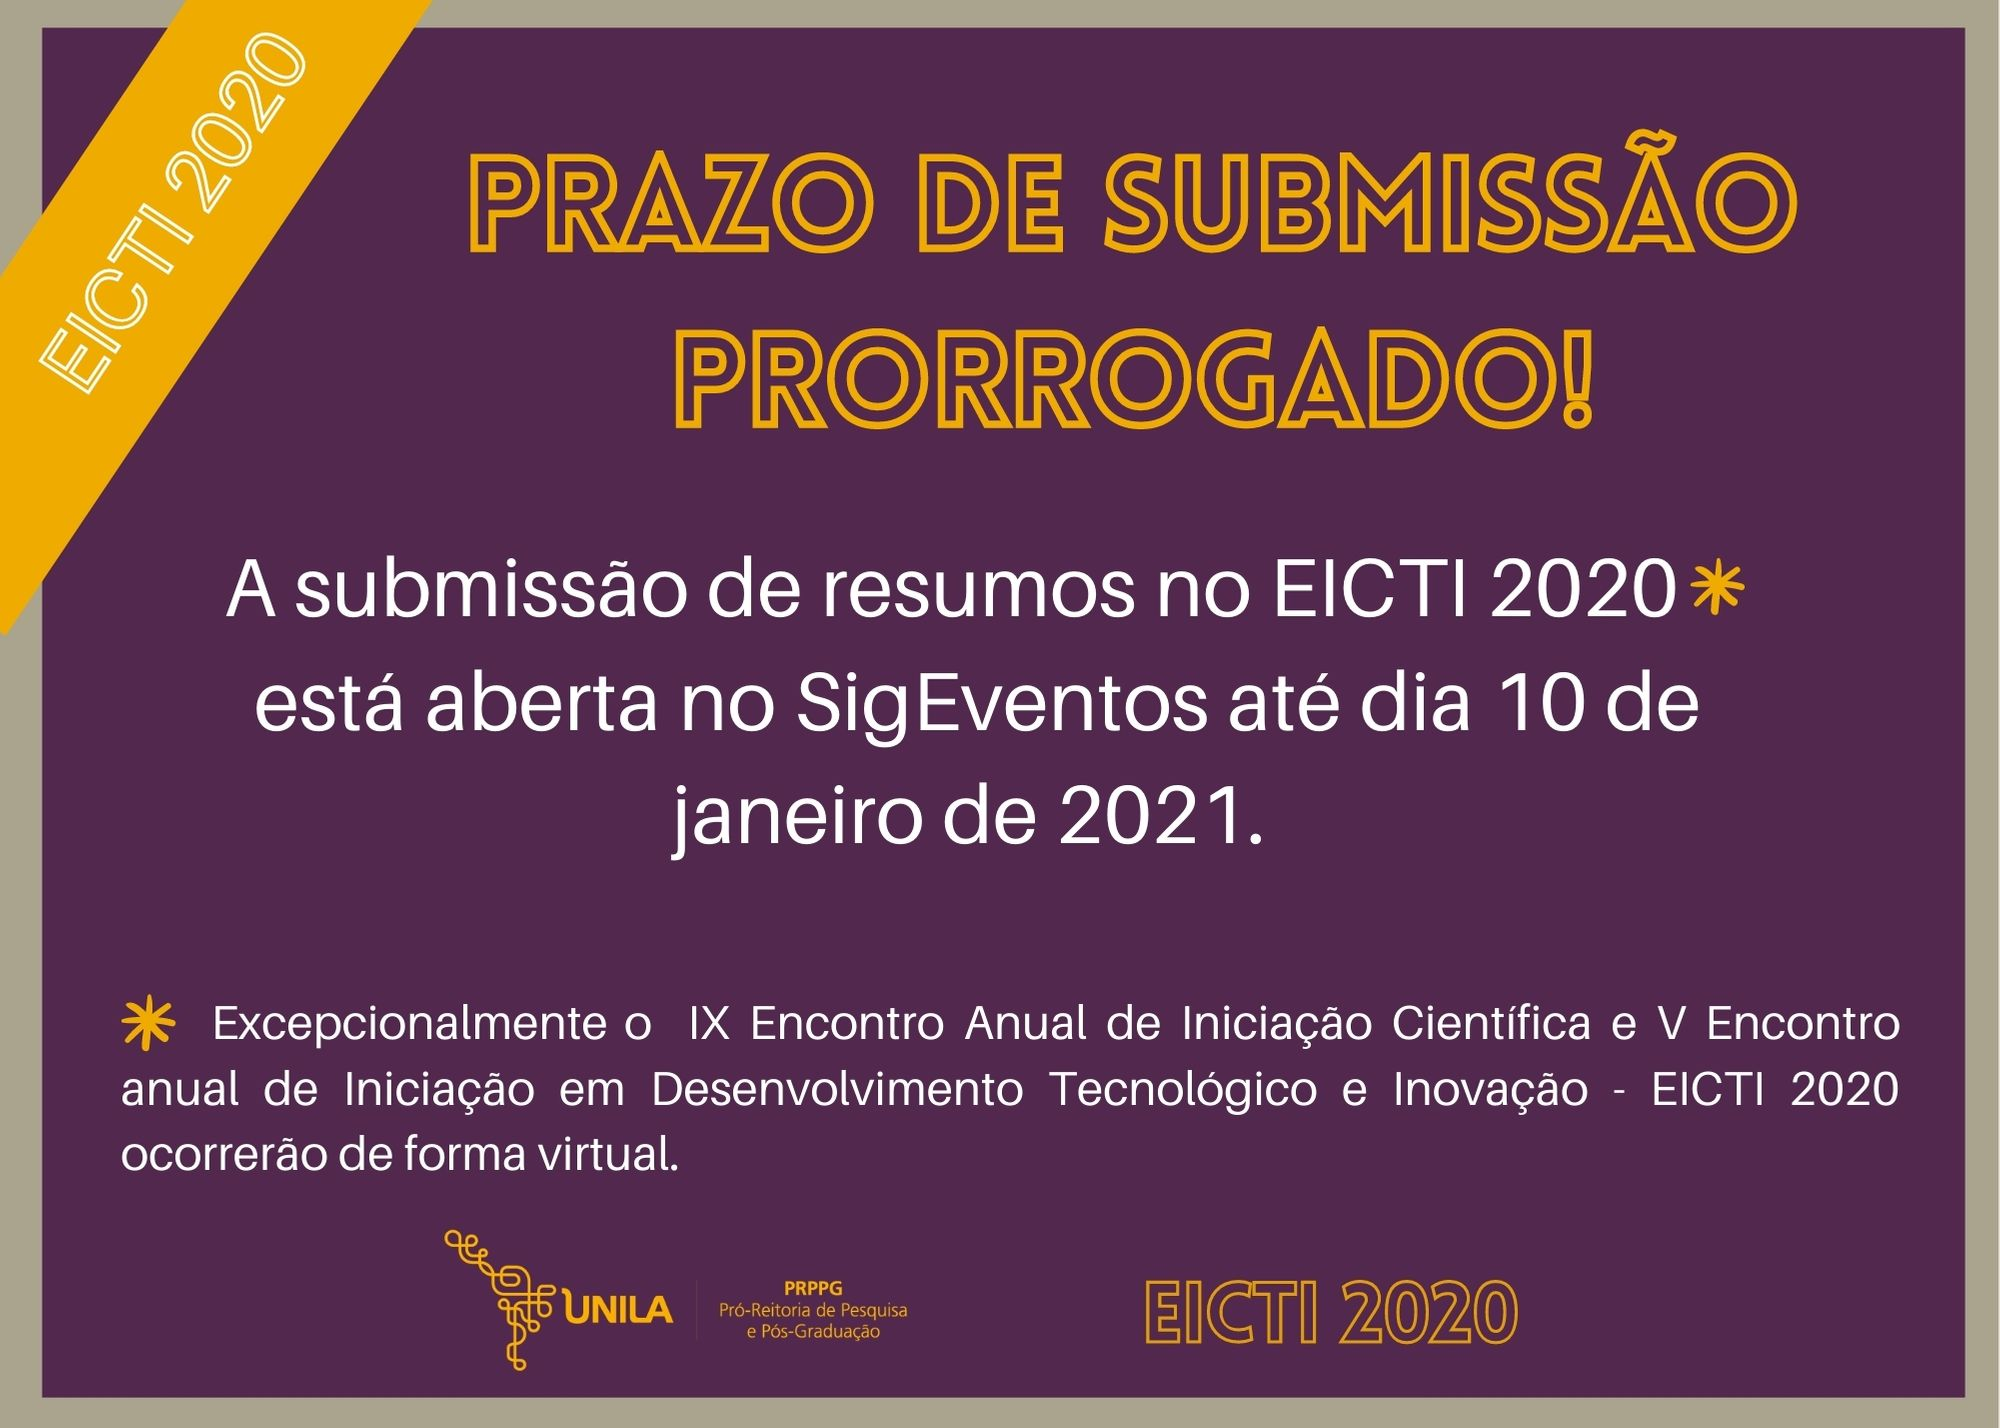 Prorrogação se submissão de resumos_EICTI2020